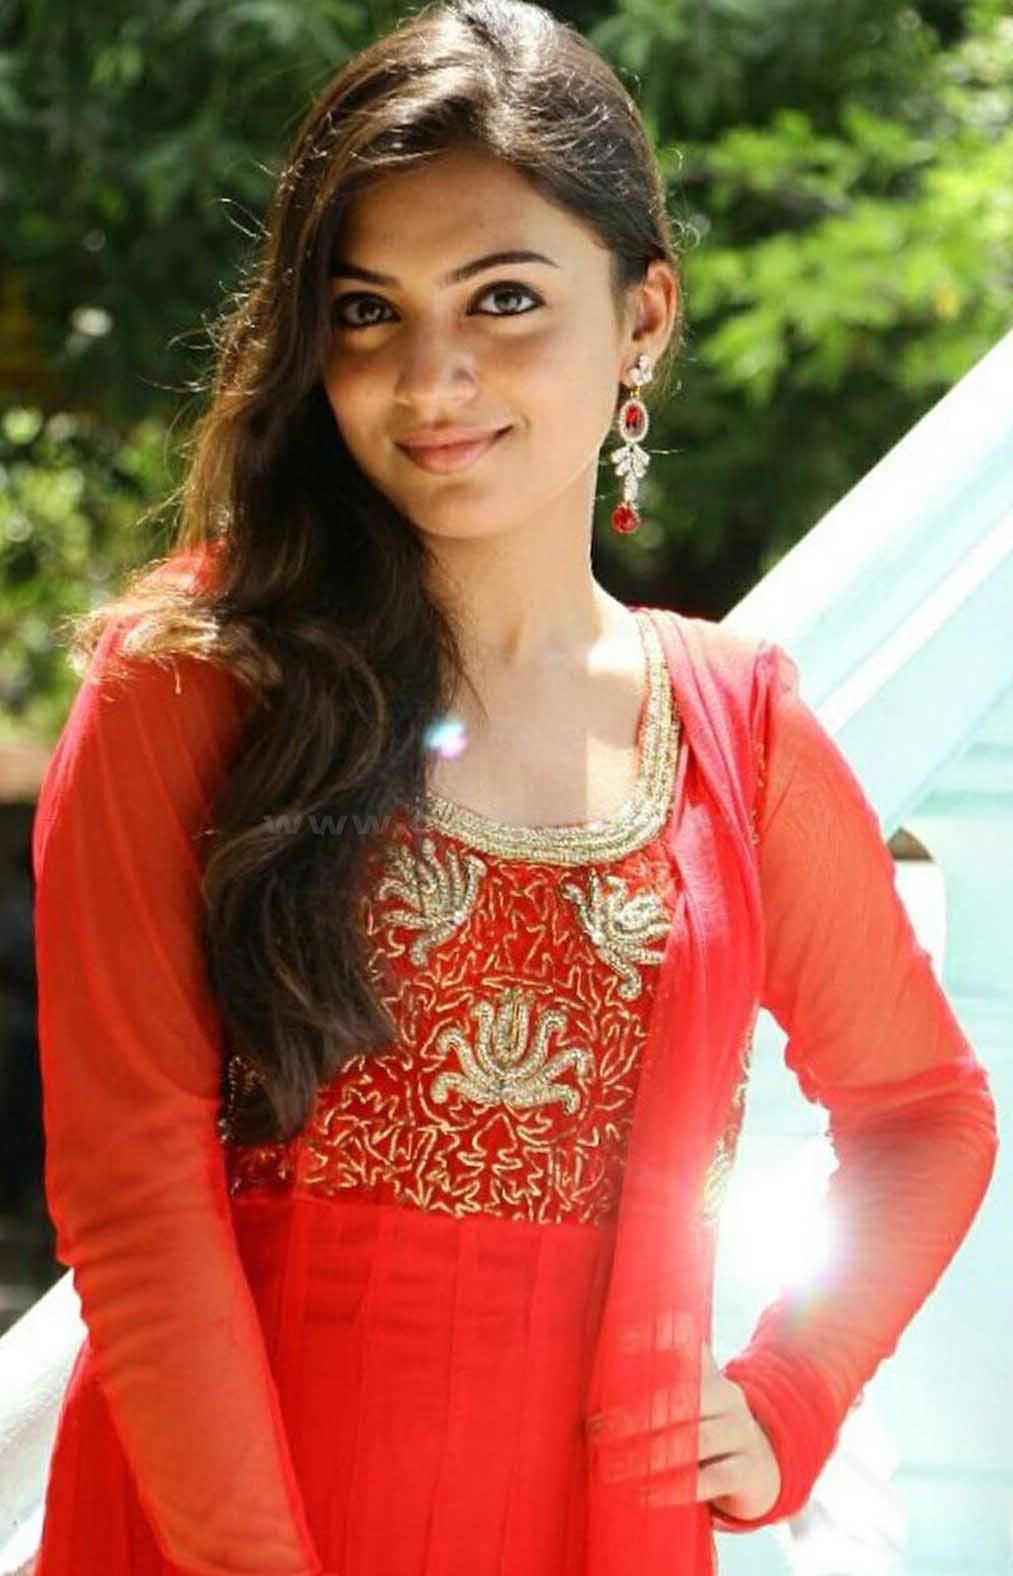 Nazriya Nazim Cute Photos: Nazriya Nazim Photo Gallery